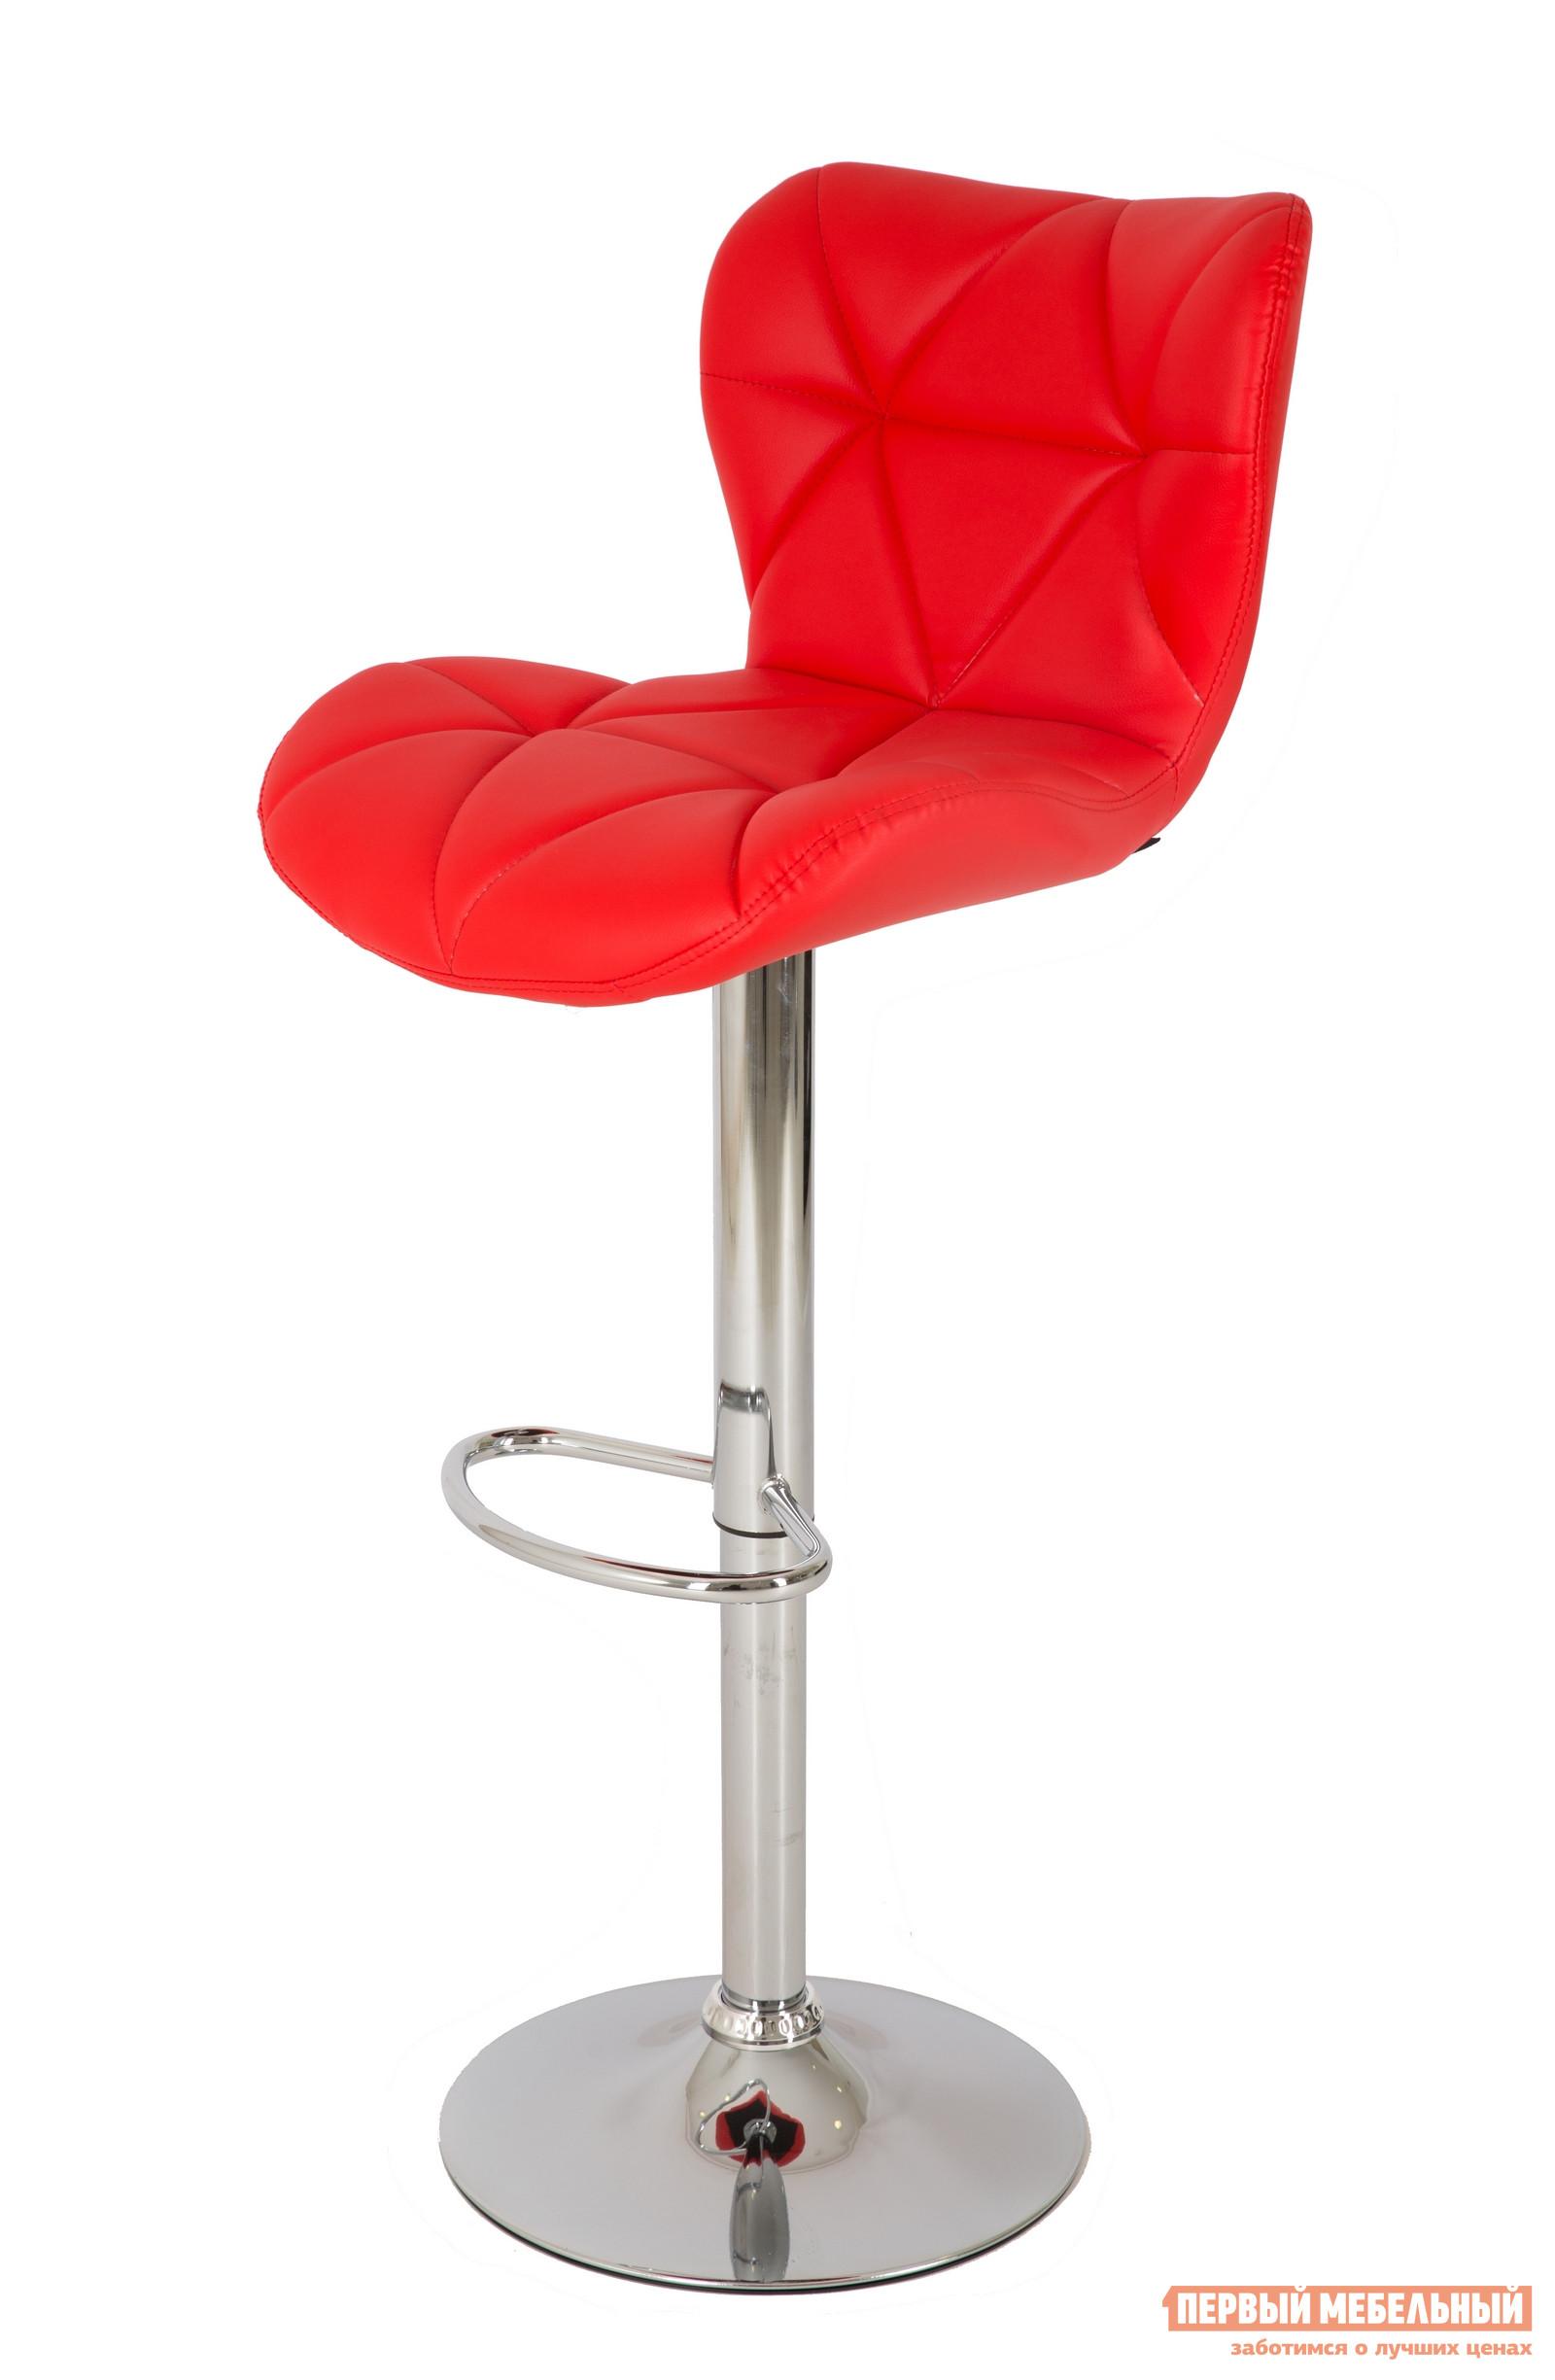 Барный стул Бентли Трейд JY-1008